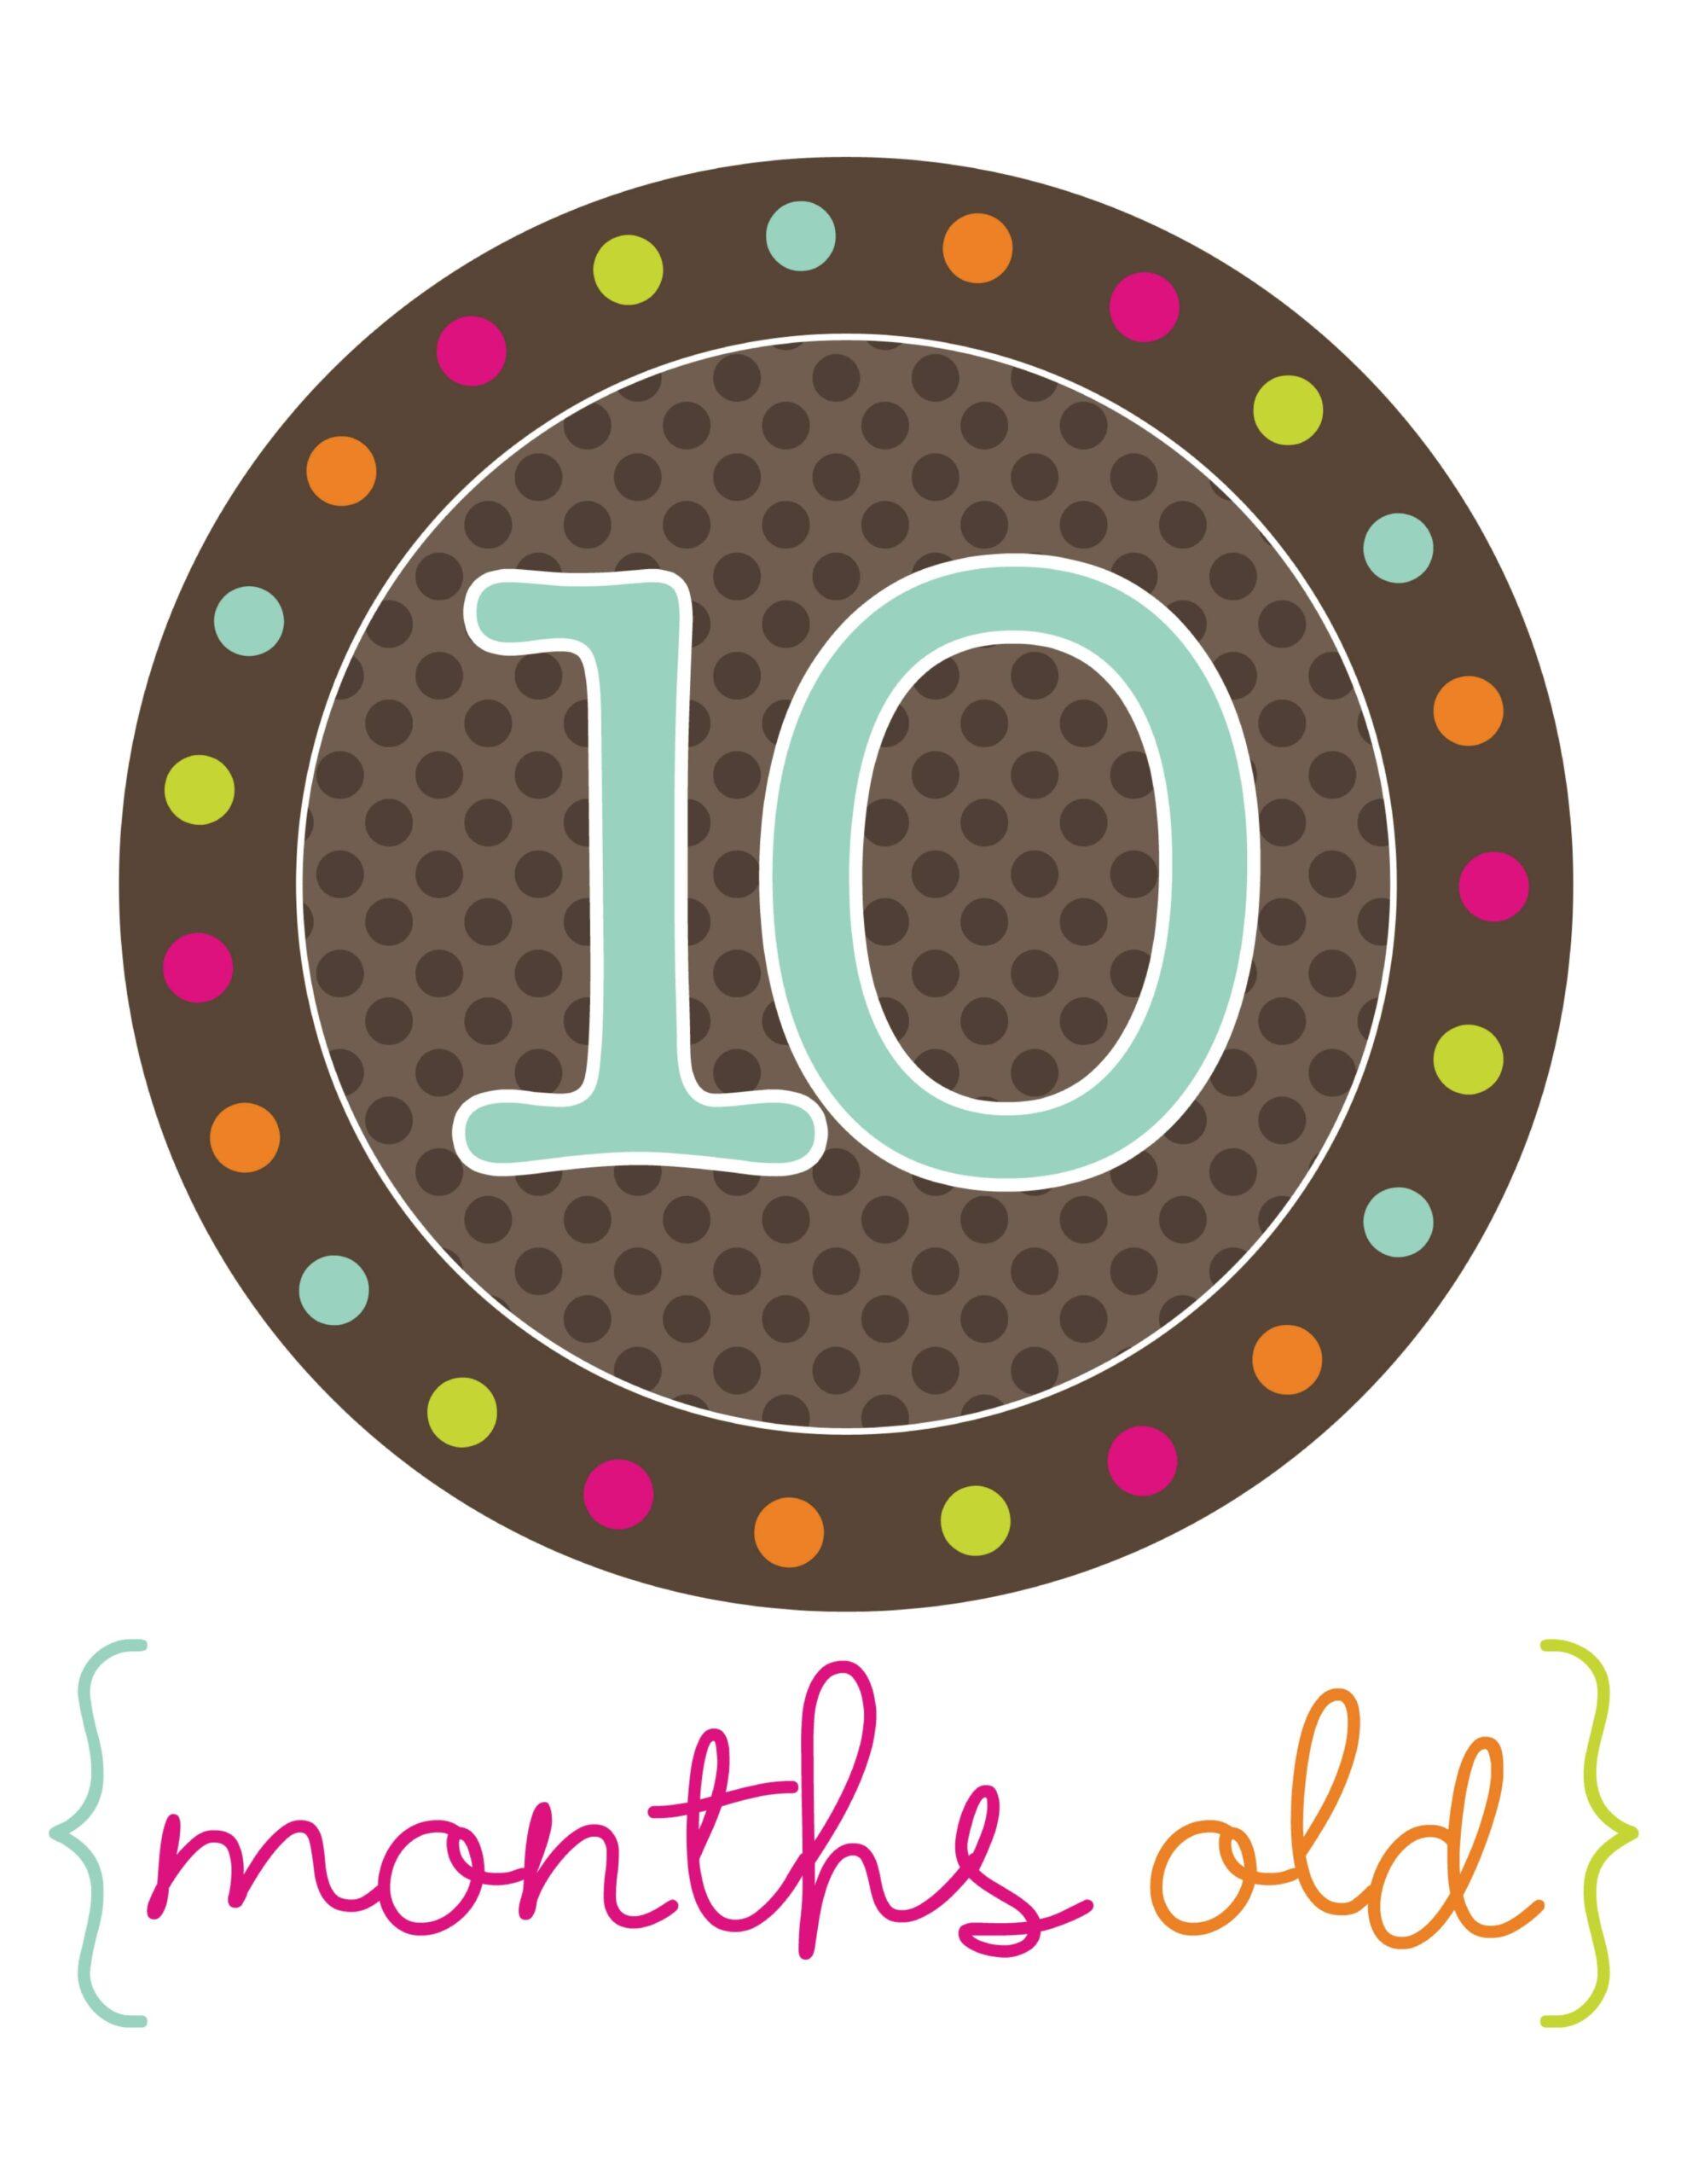 стикер для фотосессий 10 месяцев